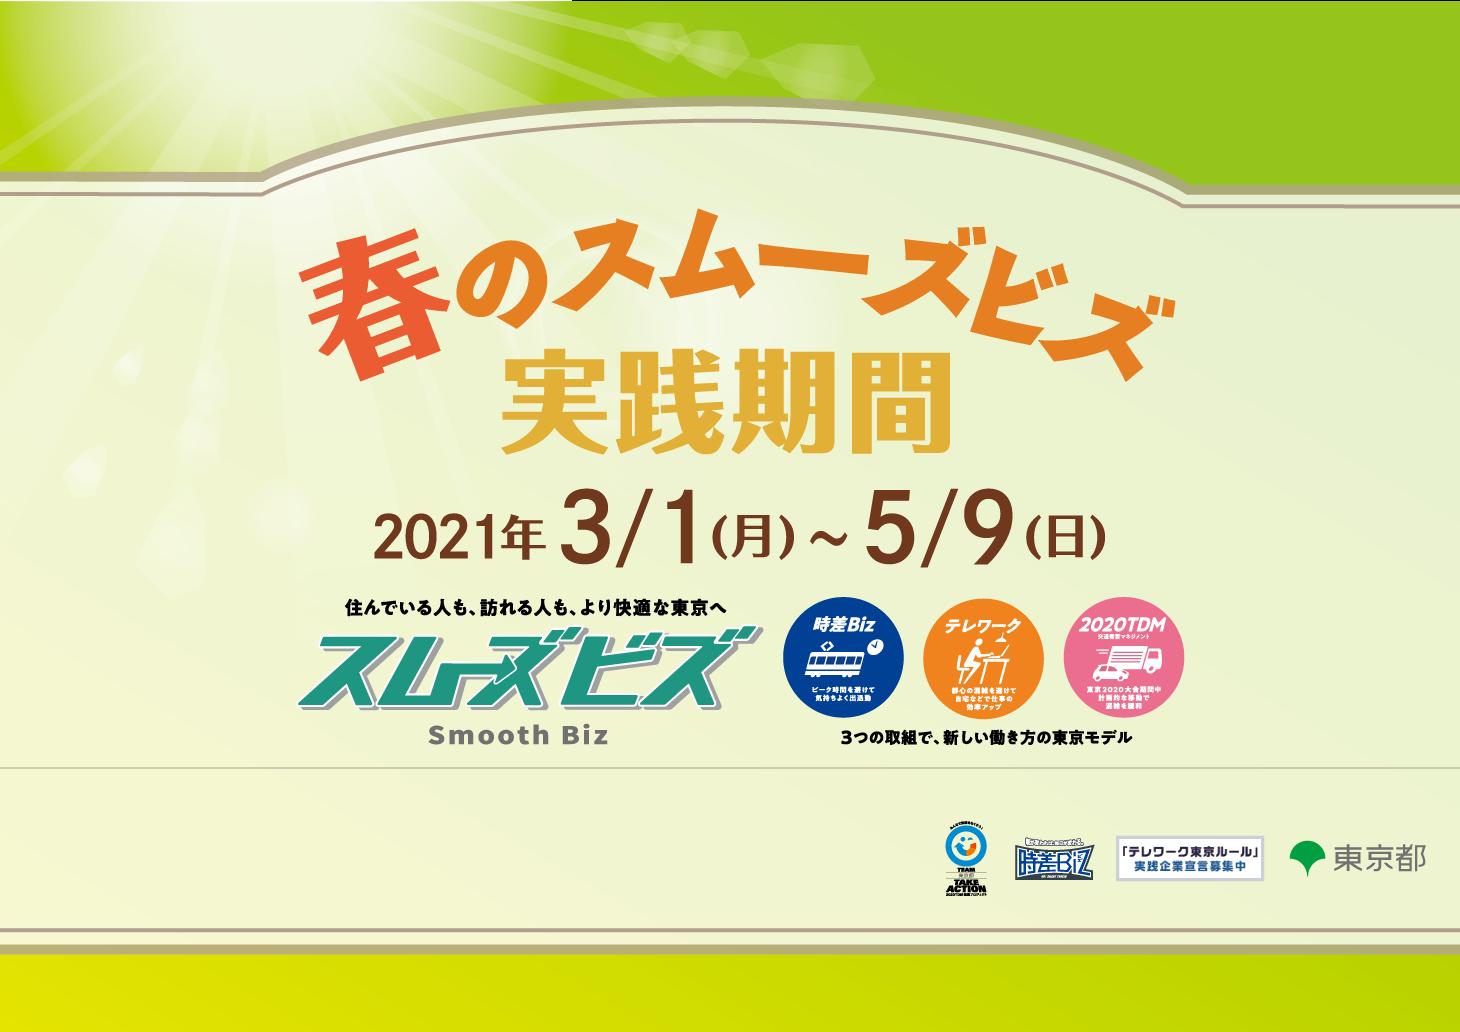 春のスムーズビズ実践期間PRポスター(横版)